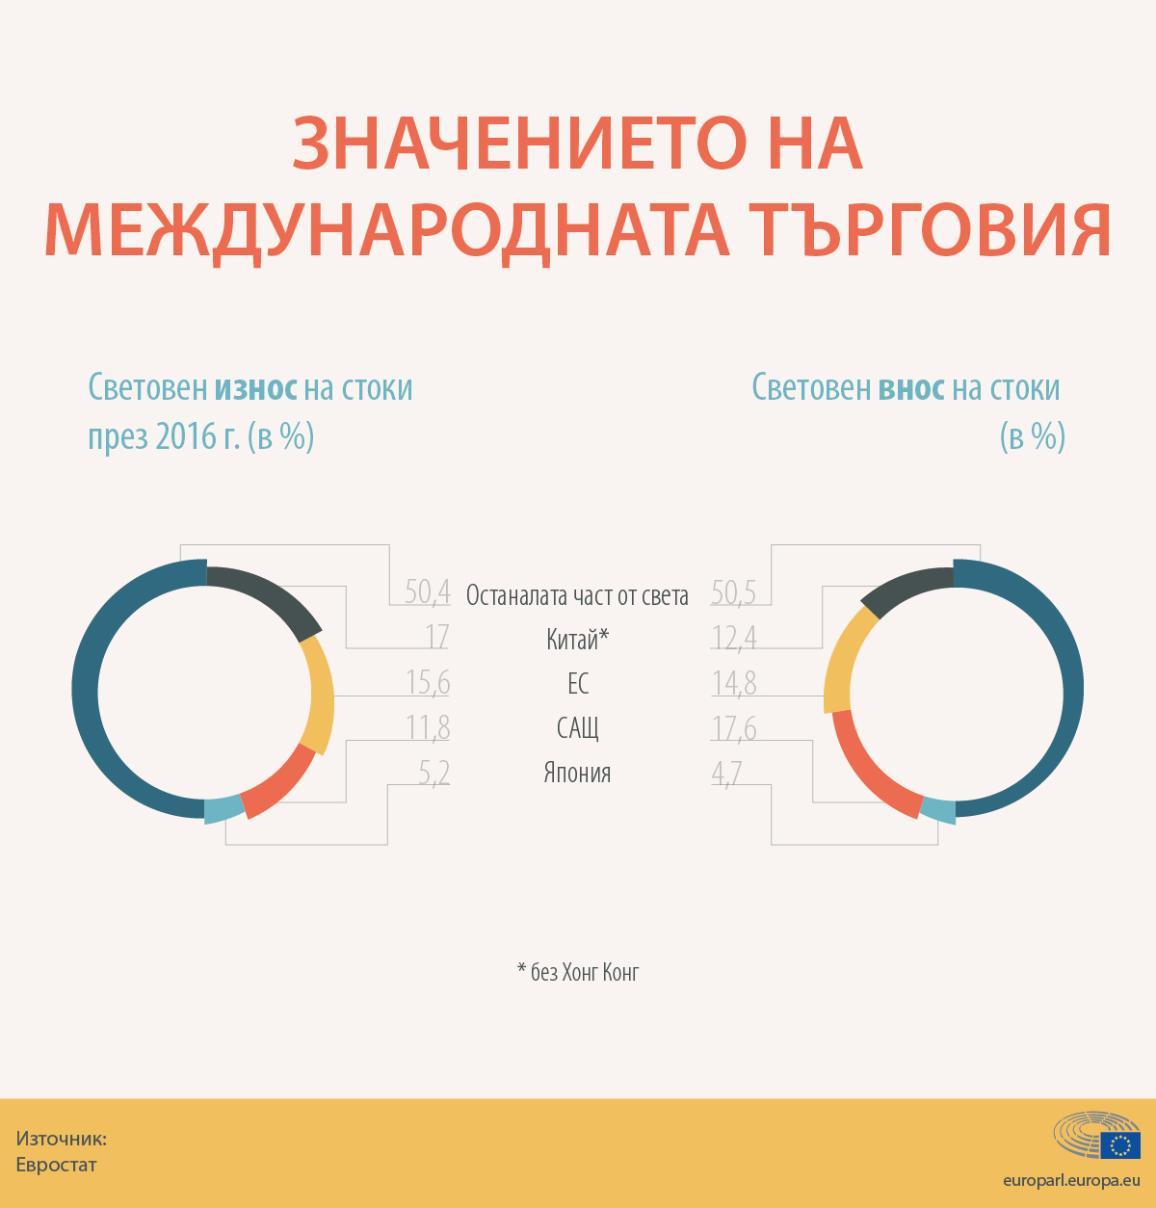 Инфографика: Дял на ЕС в световния износ и внос на стоки